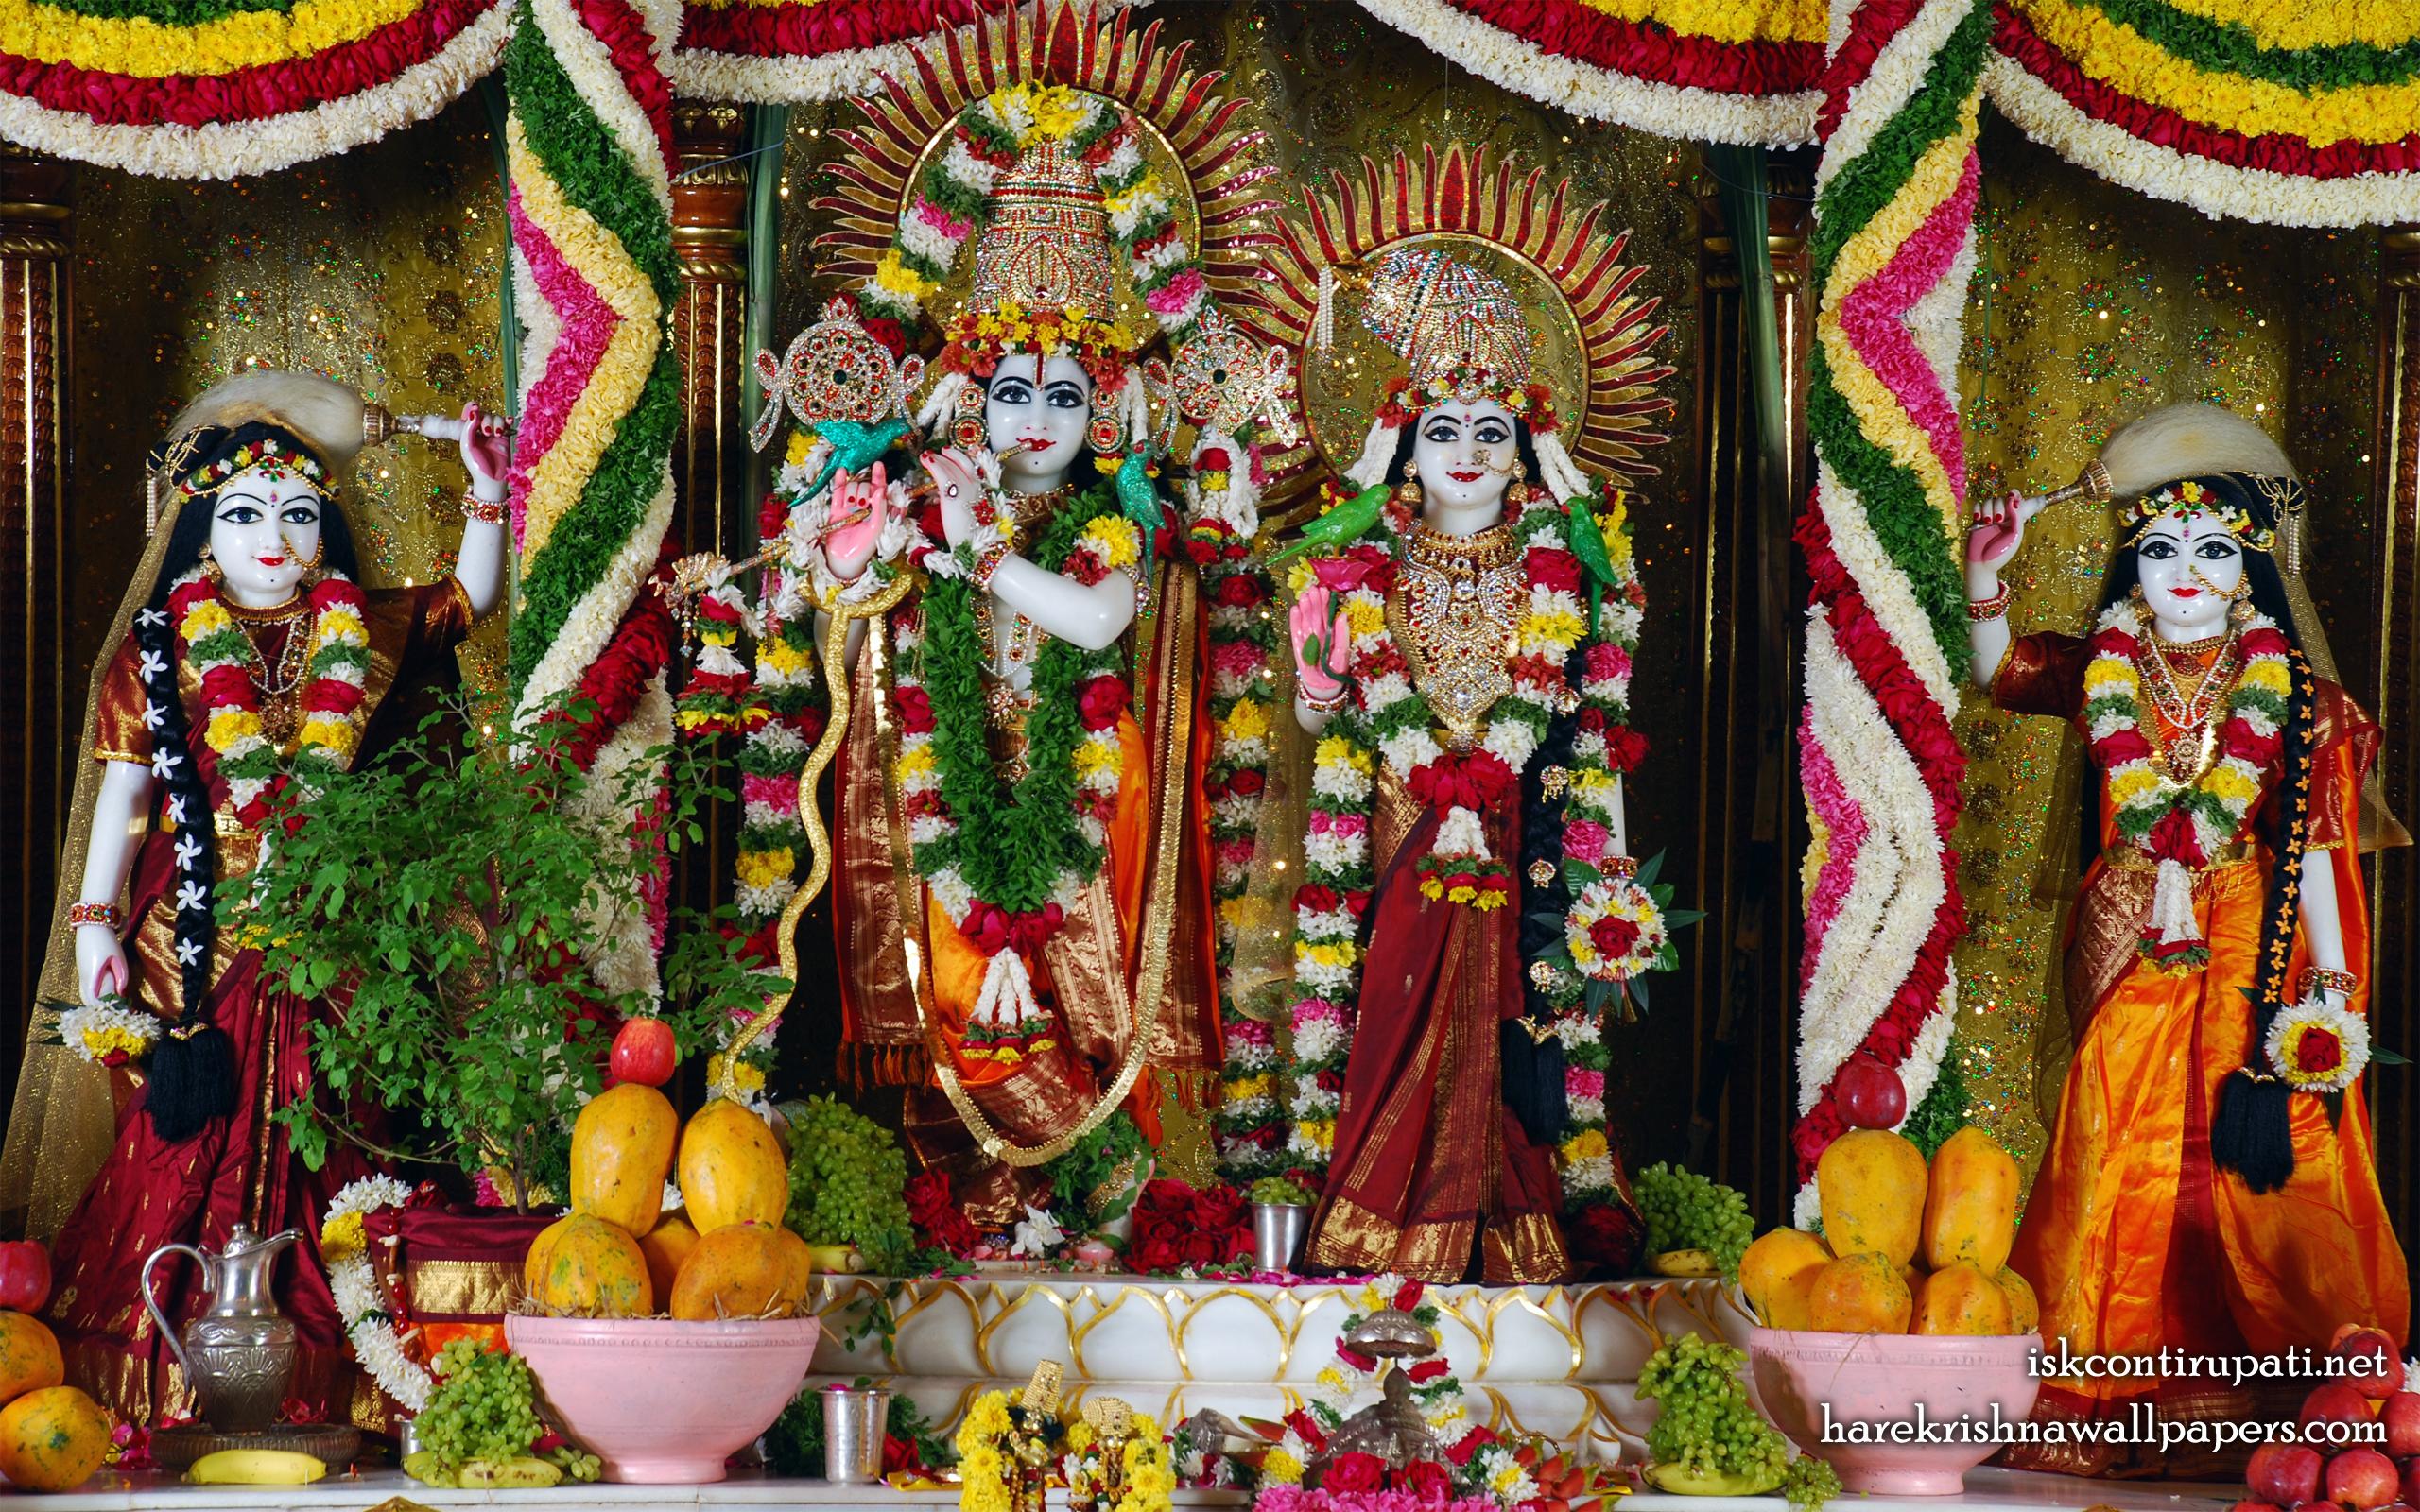 Sri Sri Radha Govinda Lalita Vishakha Wallpaper (001) Size 2560x1600 Download